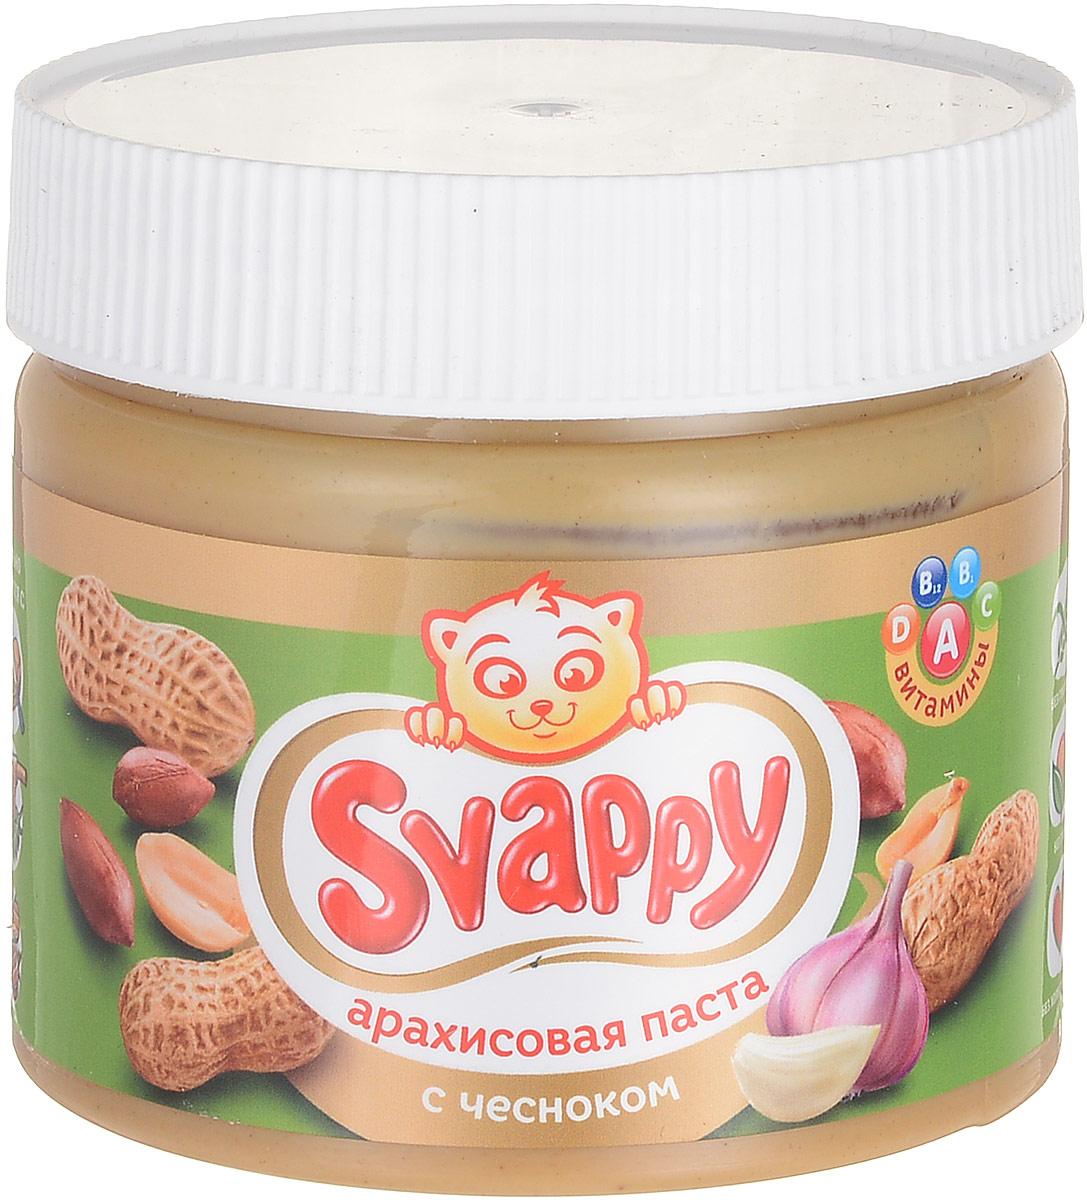 """Арахисовая паста с чесноком """"Svappy"""" - эксклюзивный продукт из отборного аргентинского арахиса, выращенного по стандартам контроля GMP. Паста не содержит в себе ГМО, глютена и прочих вредных веществ. Процедура обжаривания арахиса происходит по особой рецептуре, разработанной технологами, также паста имеет приятную консистенцию, не прилипает во время еды и насыщена витаминами A, B1, B12, C, D. Каждая баночка проходит чуткий контроль технологов и отдела ОТК. Продукция полностью сертифицирована и прошла все лабораторные и бактериологические исследования. Уважаемые клиенты! Обращаем ваше внимание, что полный перечень состава продукта представлен на дополнительном изображении."""